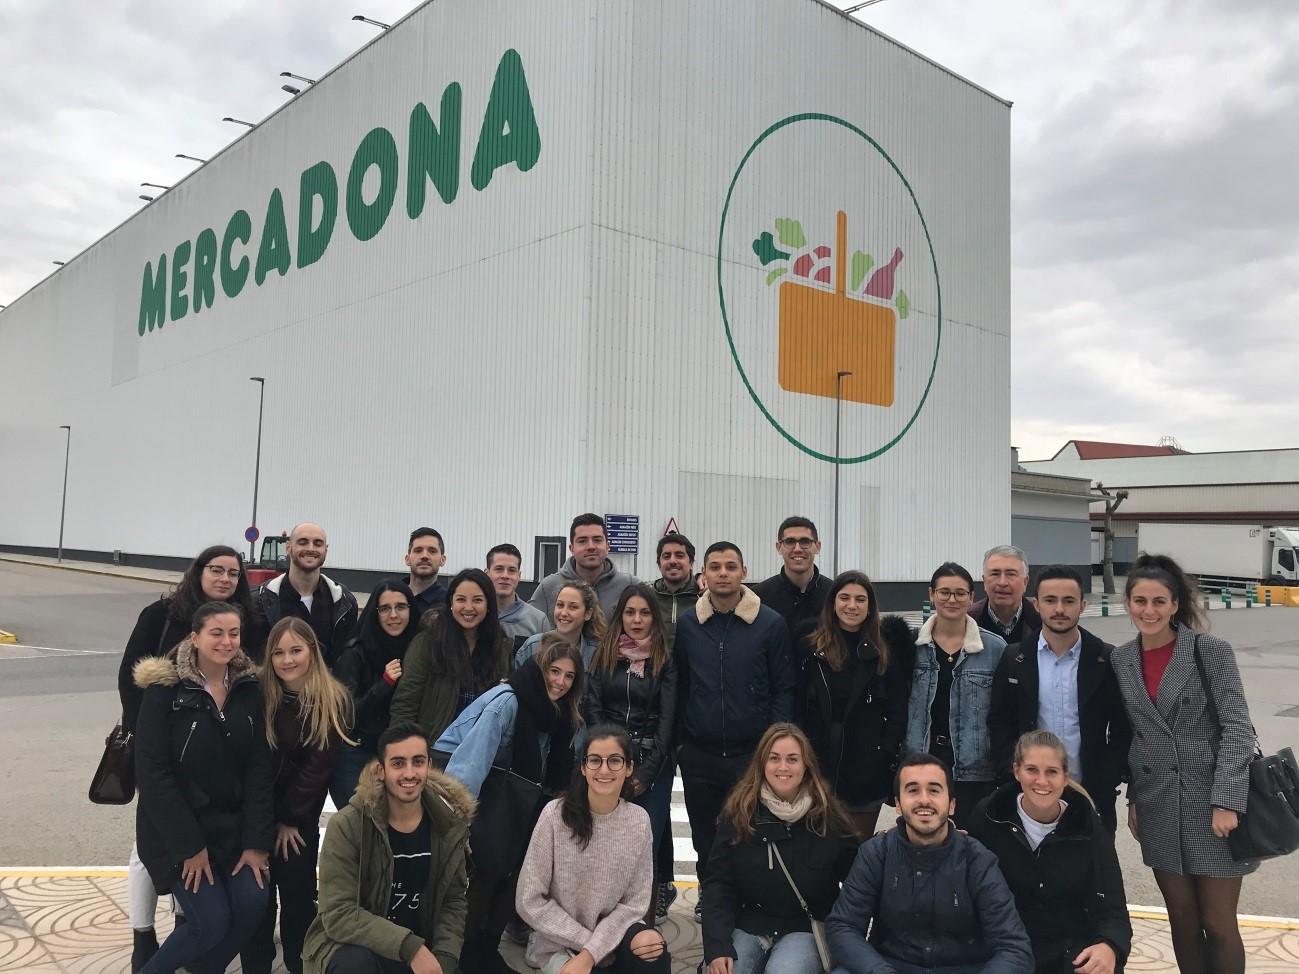 Visita al centro logístico de Mercadona en Ribarroja